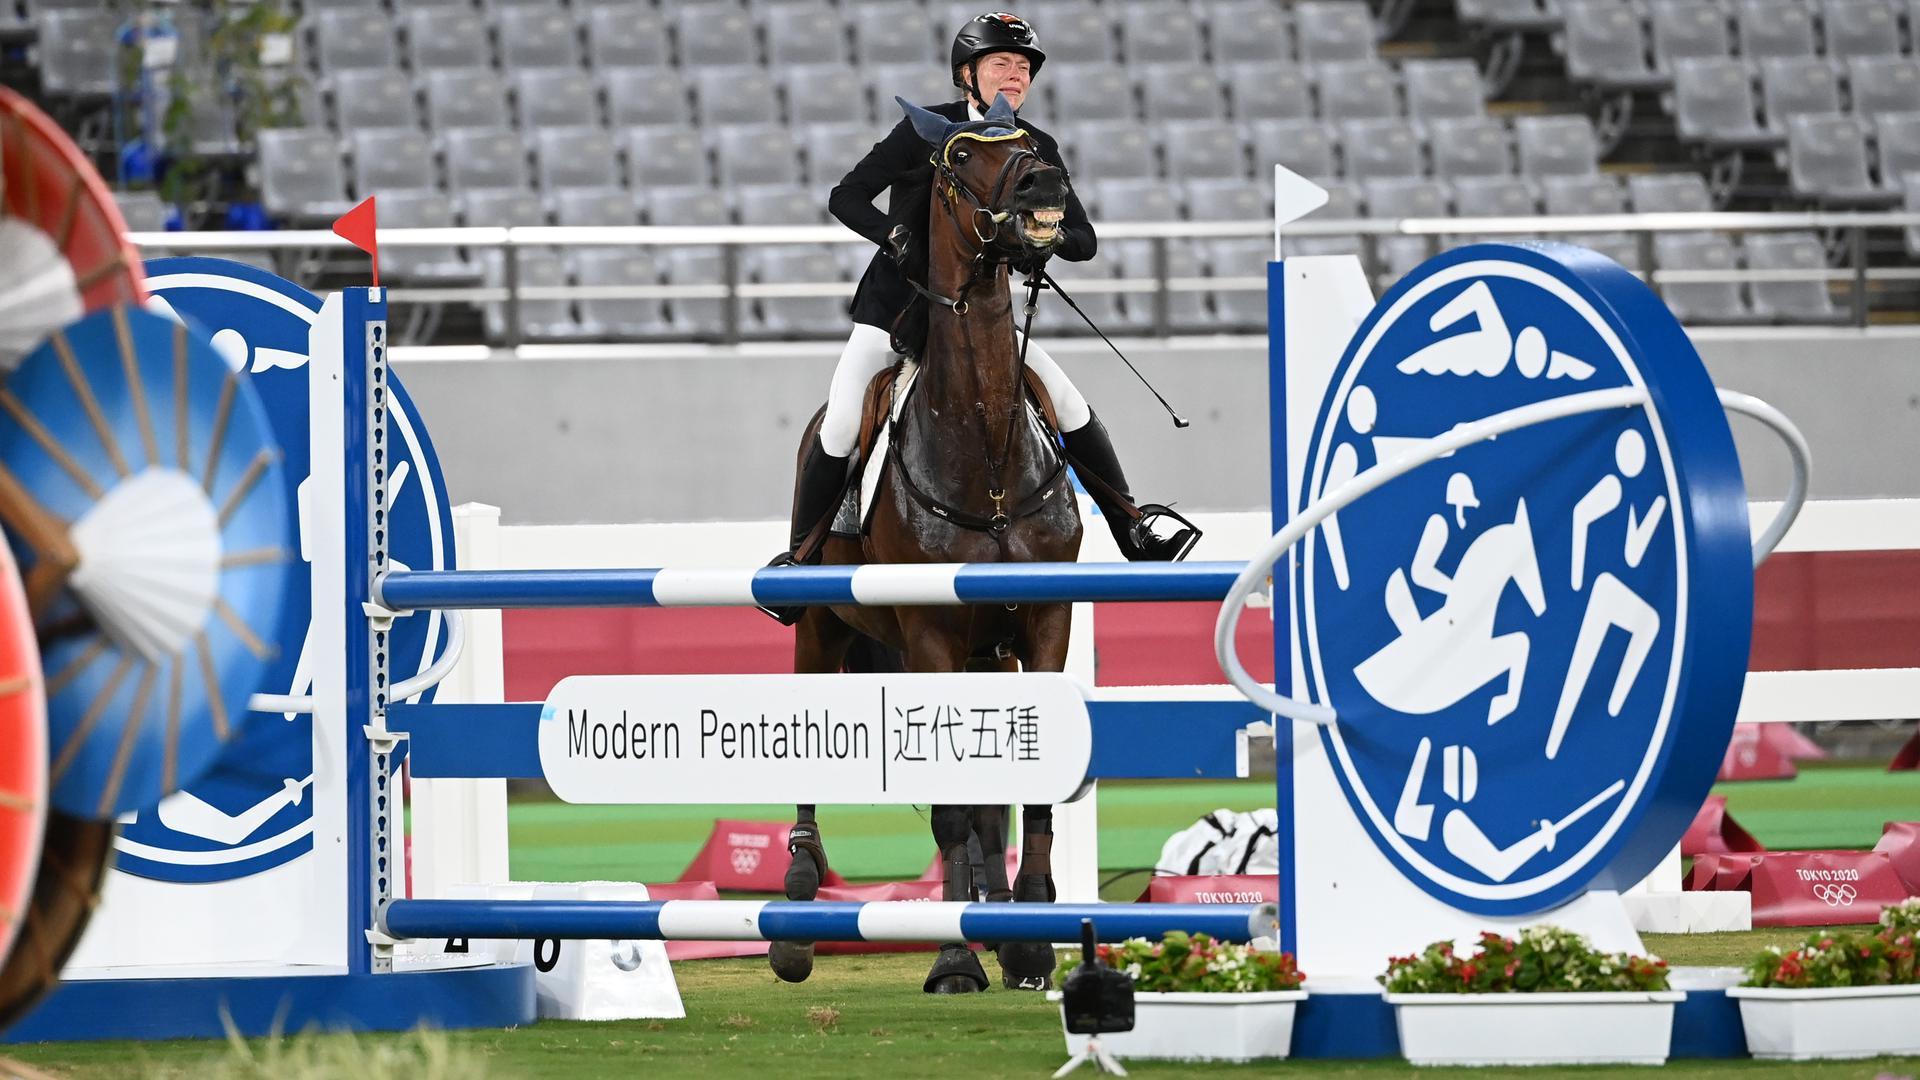 Das Pferd Saint Boy von Annika Schleu aus Deutschland verweigert den Sprung.